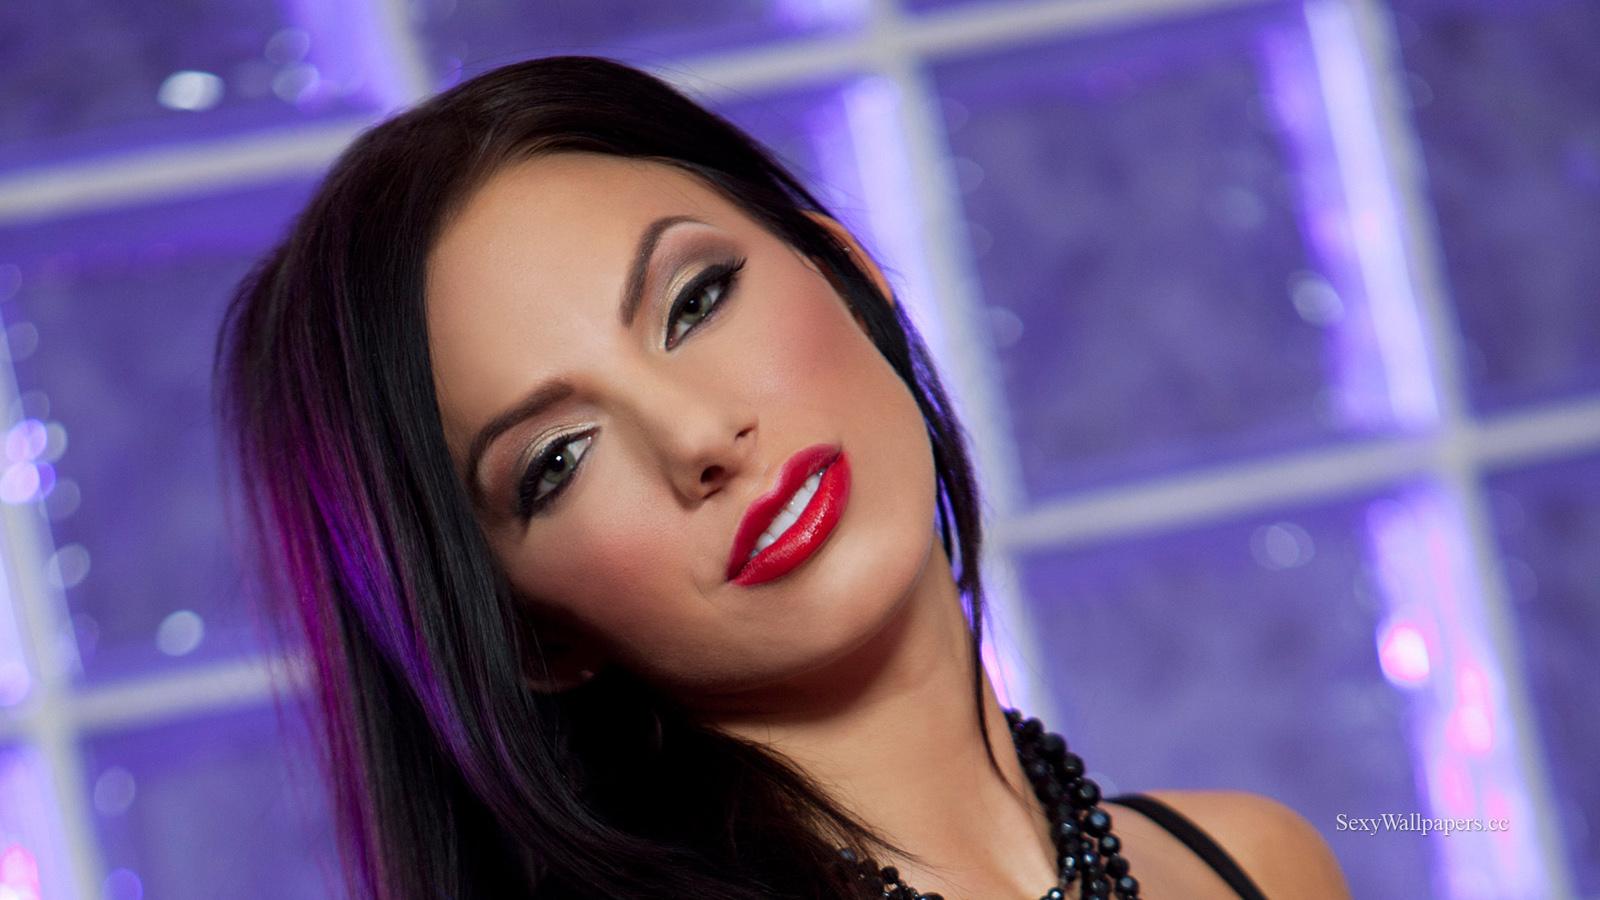 hot young russian models